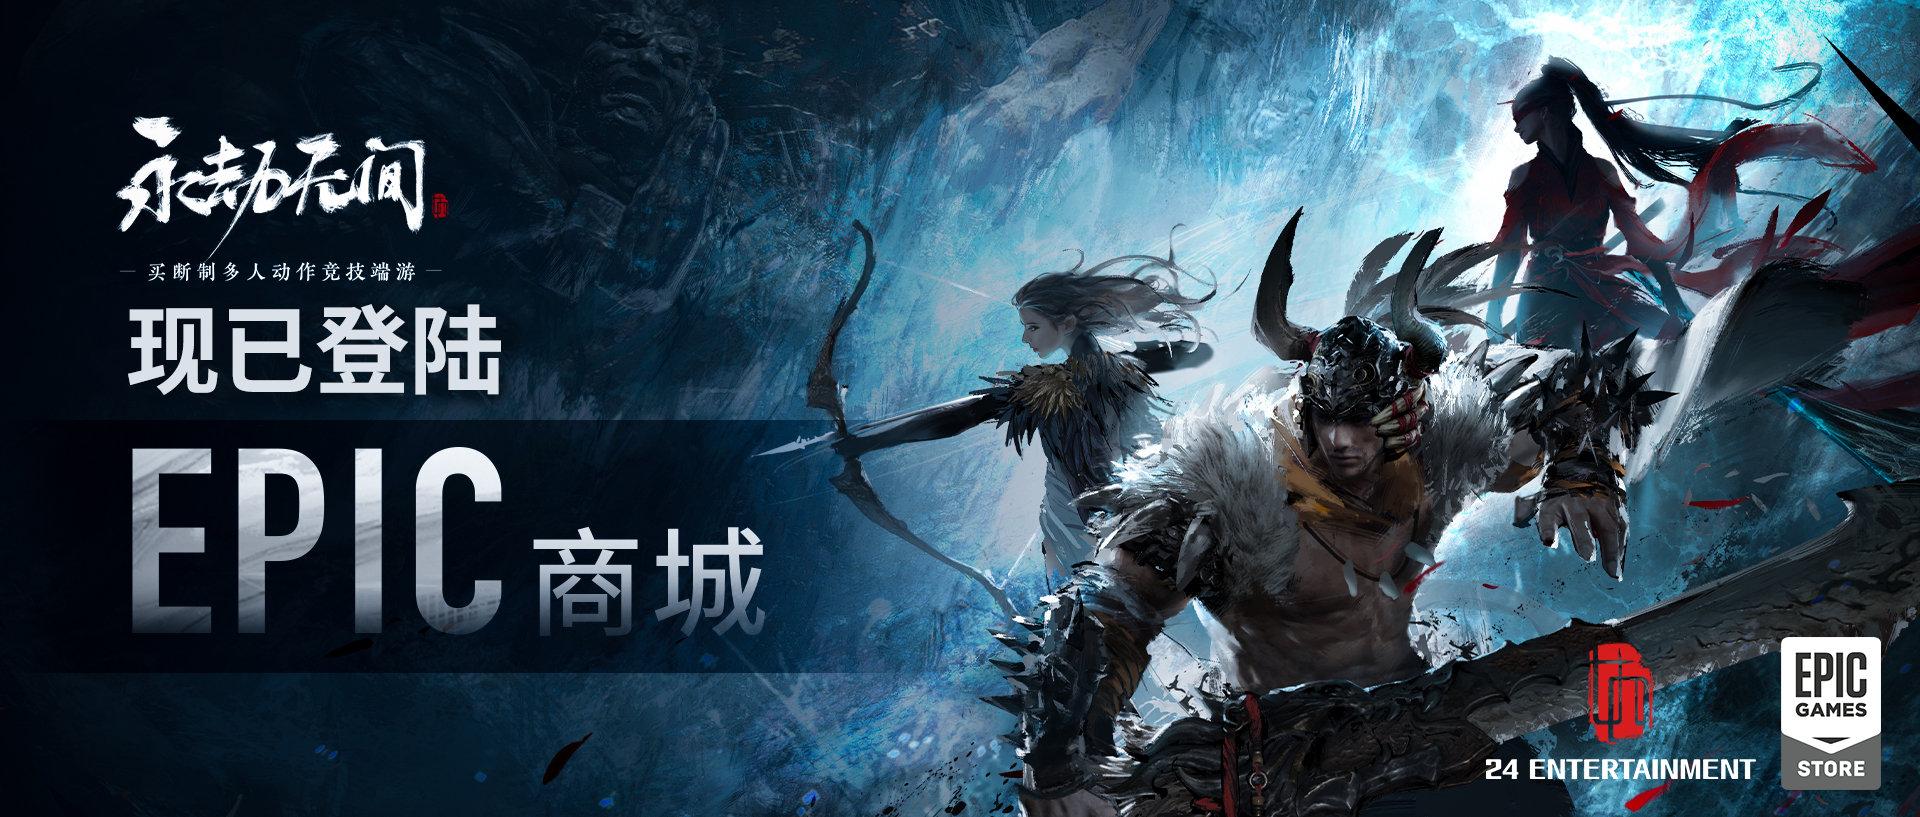 《永劫无间》登陆Epic 7月8日公测 Steam版98元起